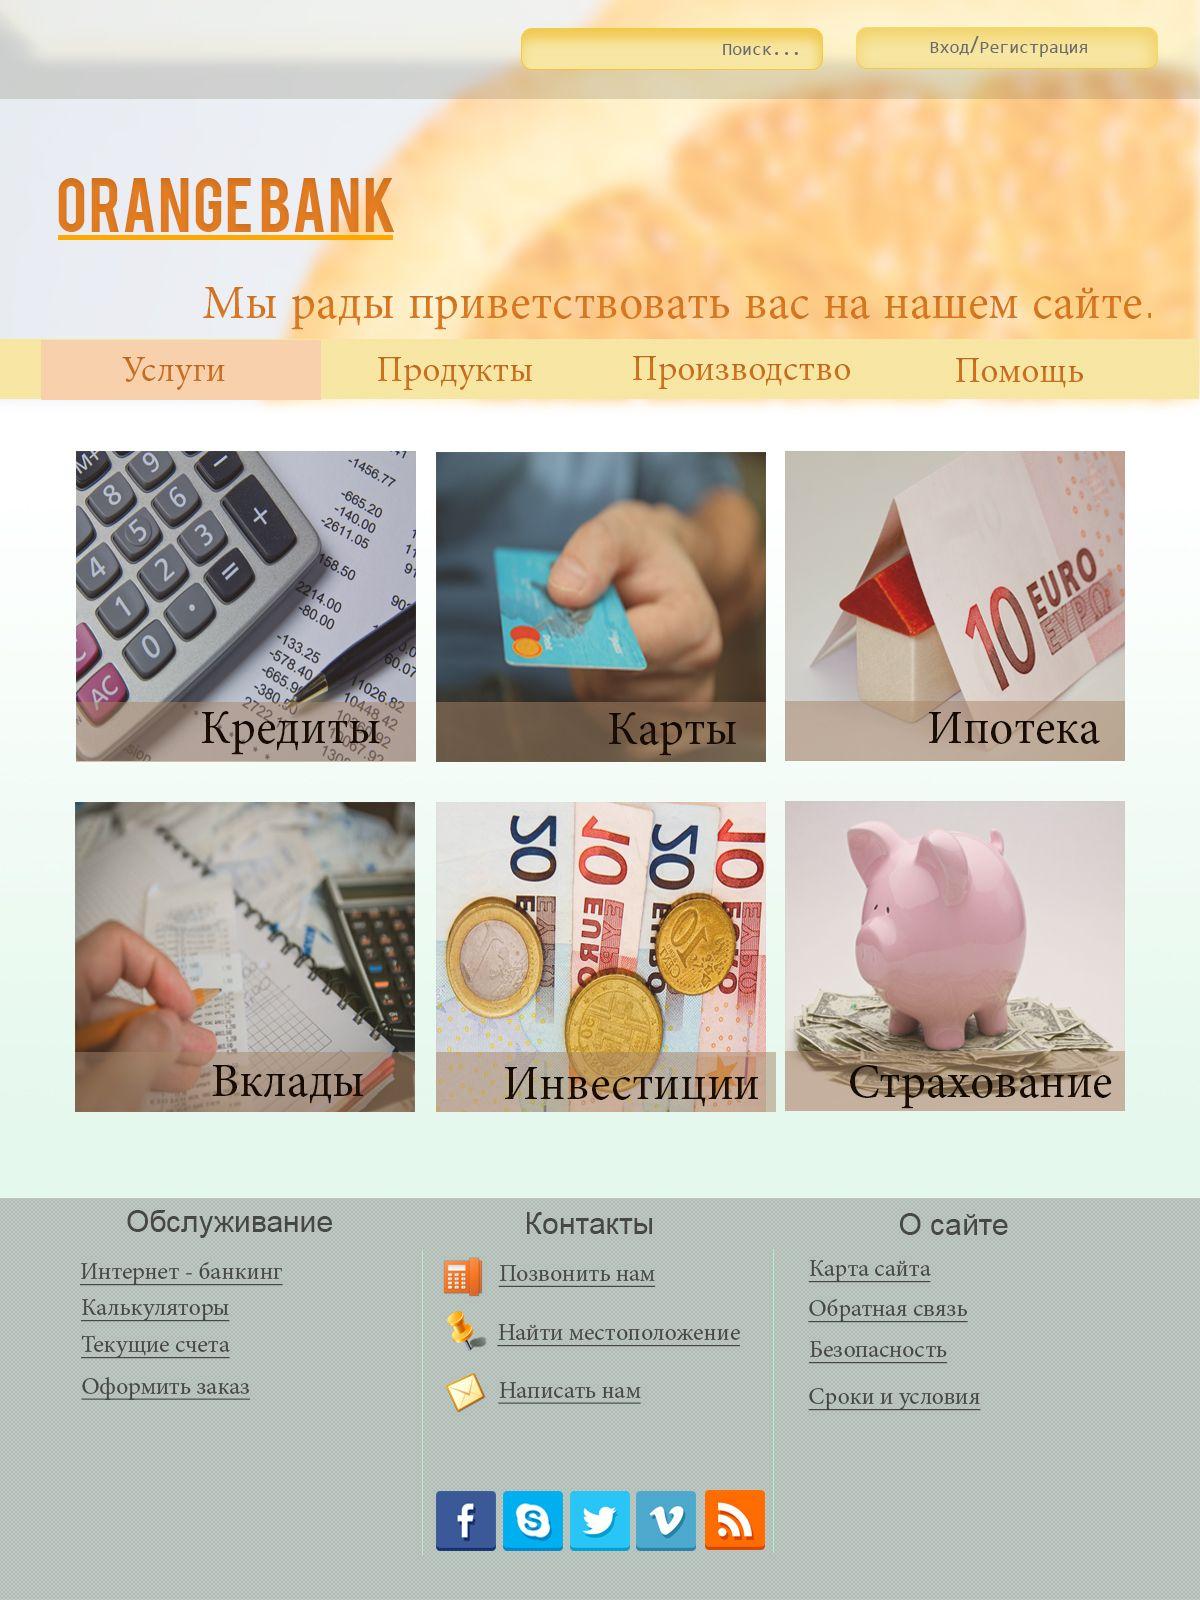 Креативный дизайн Главной страницы Банка - дизайнер KyleBroflovski